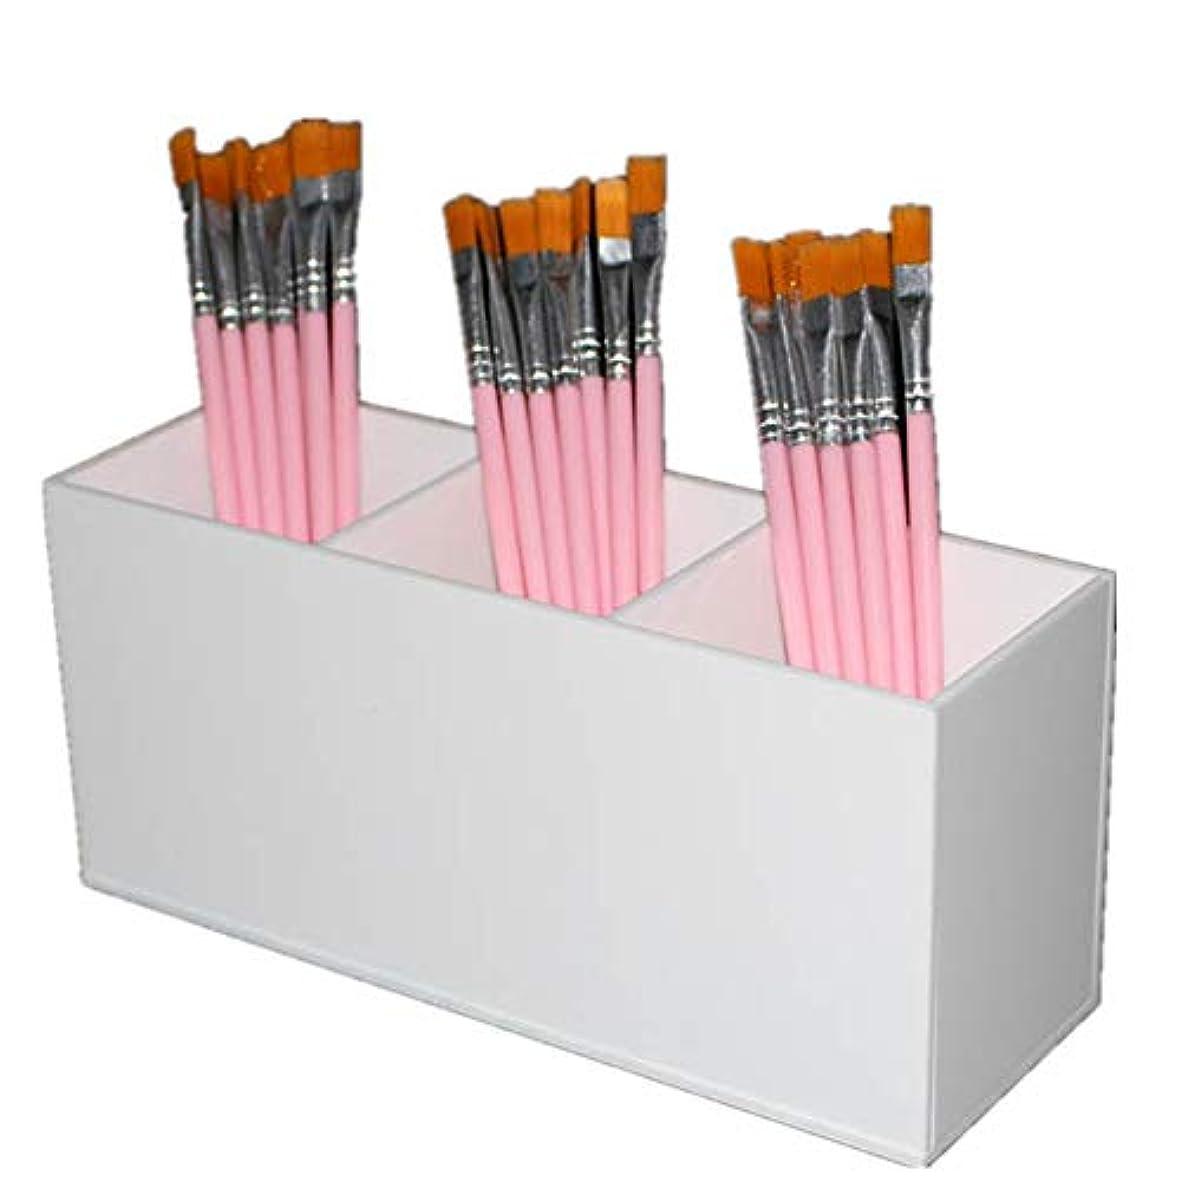 ソフトウェアスカルク保存する整理簡単 シンプルな化粧オーガナイザーブラシホルダーホワイトアクリル散りばめたデザイン化粧オーガナイザー (Color : White, Size : 20*6.5*9CM)